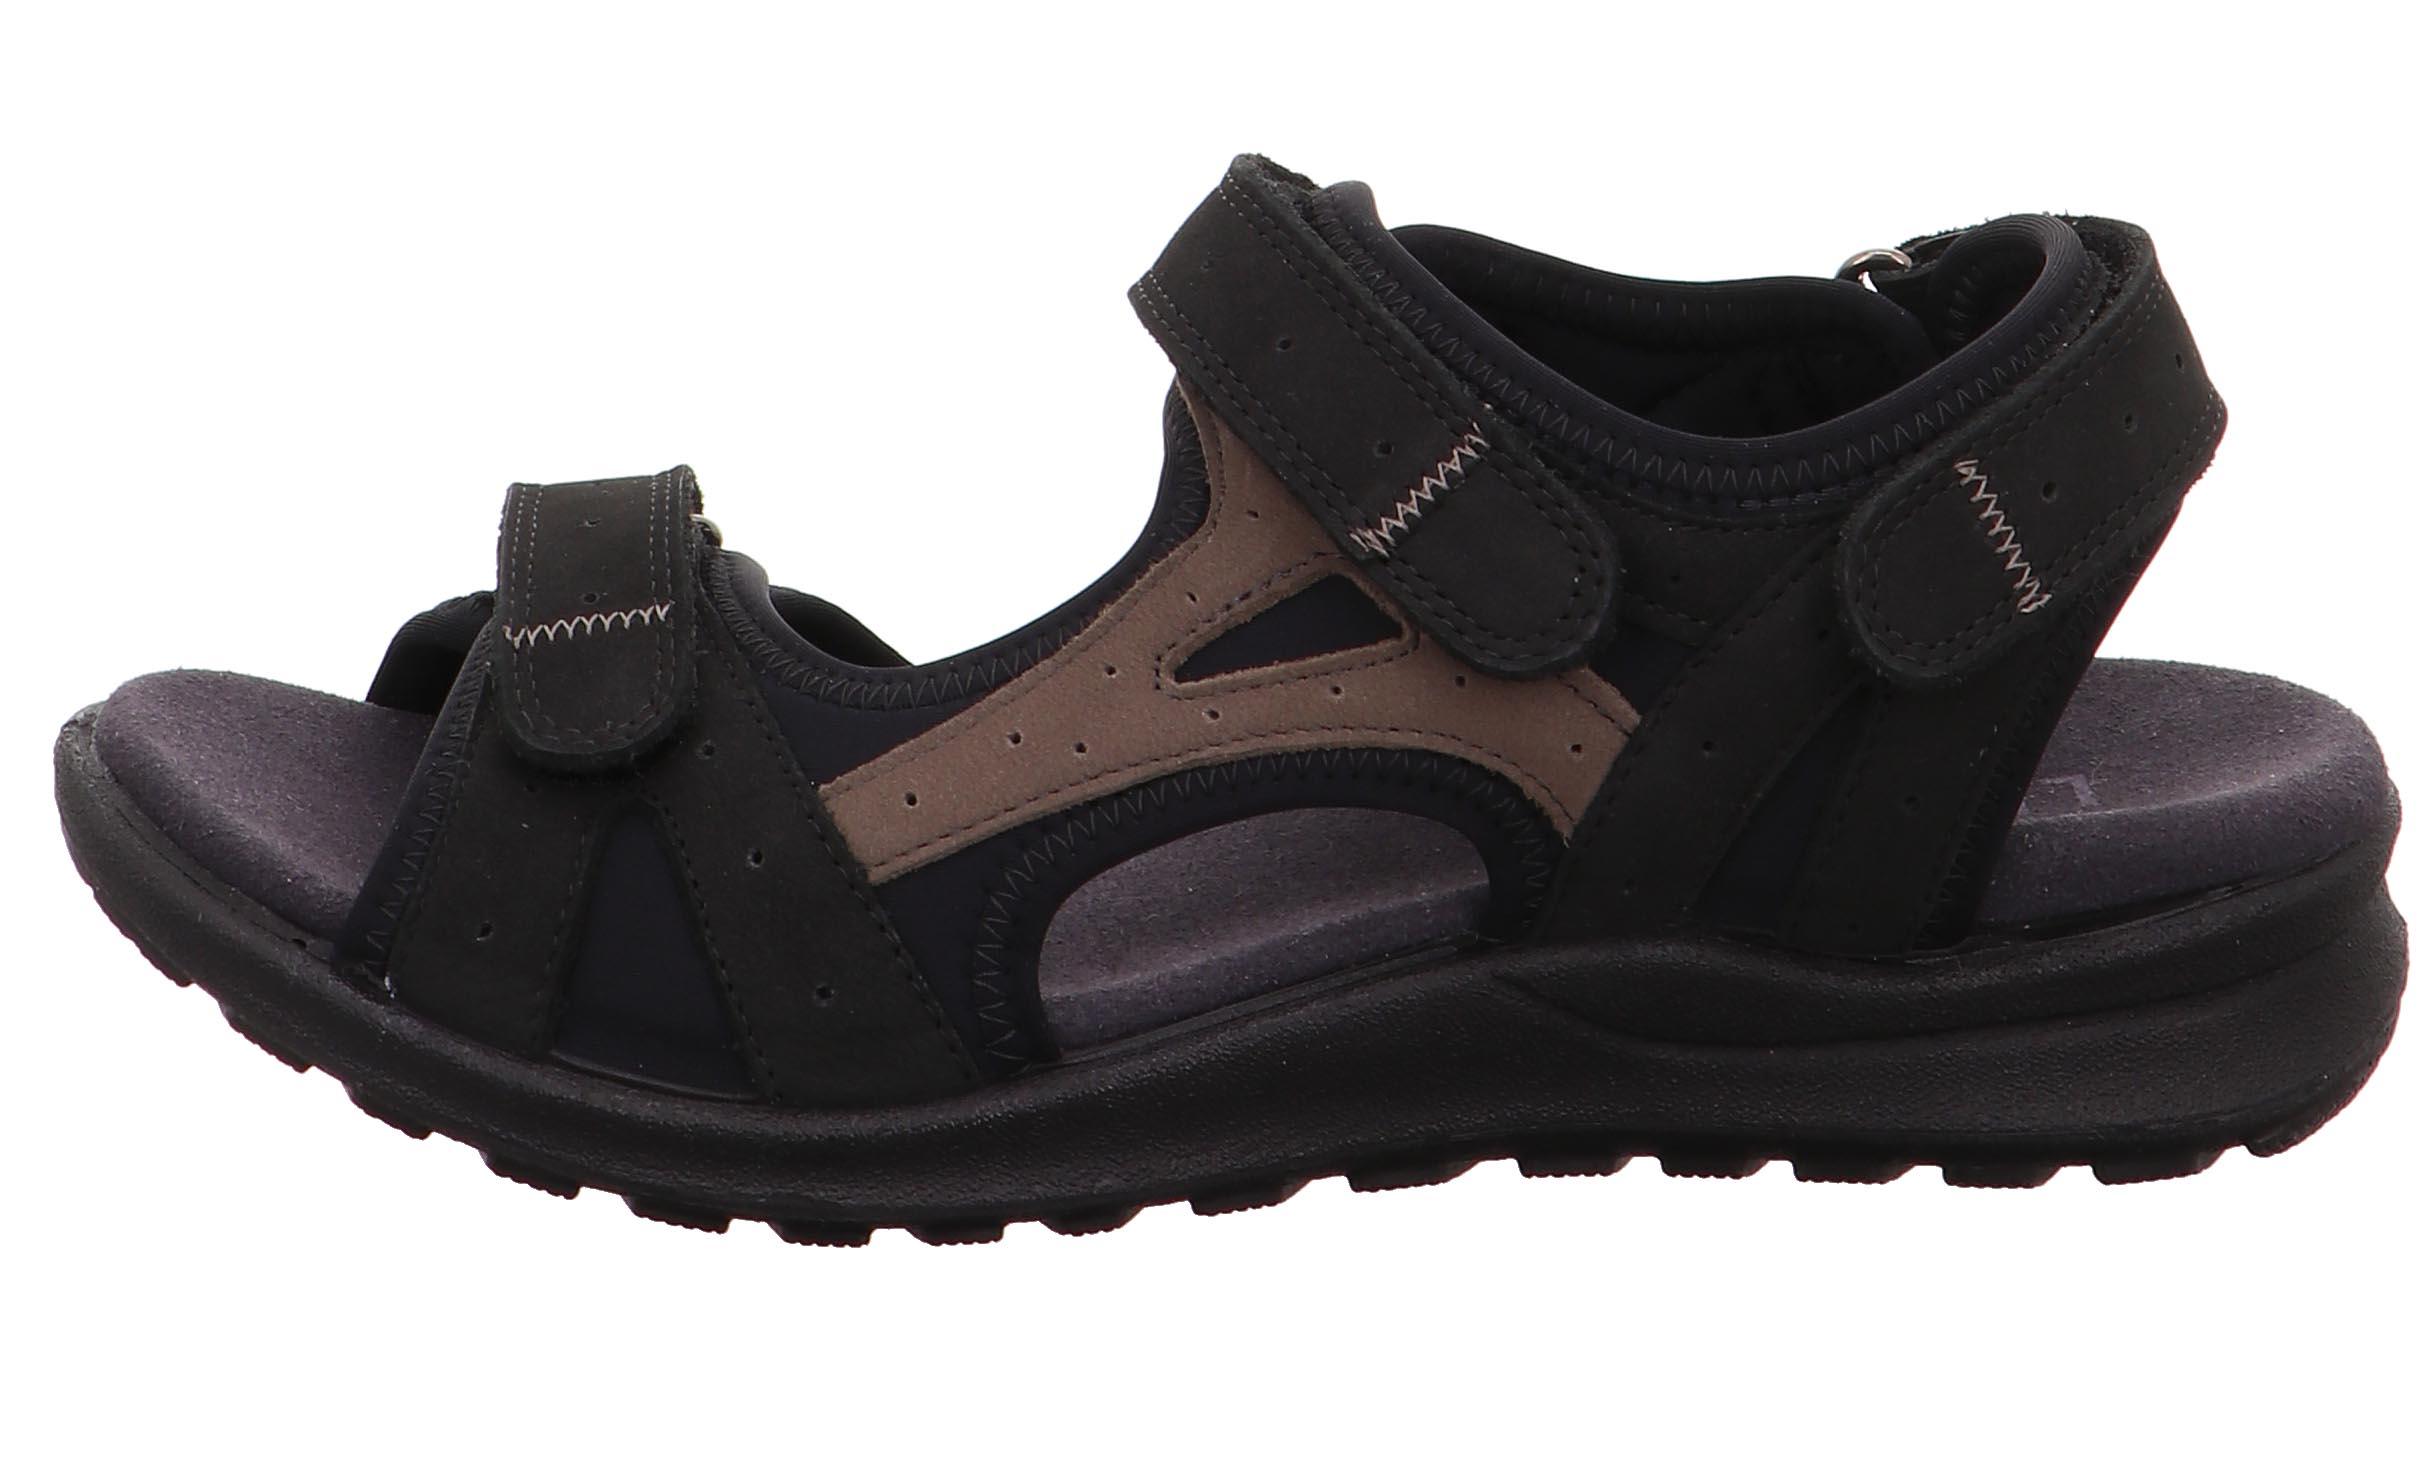 Sandalen für Damen online kaufen im offiziellen legero